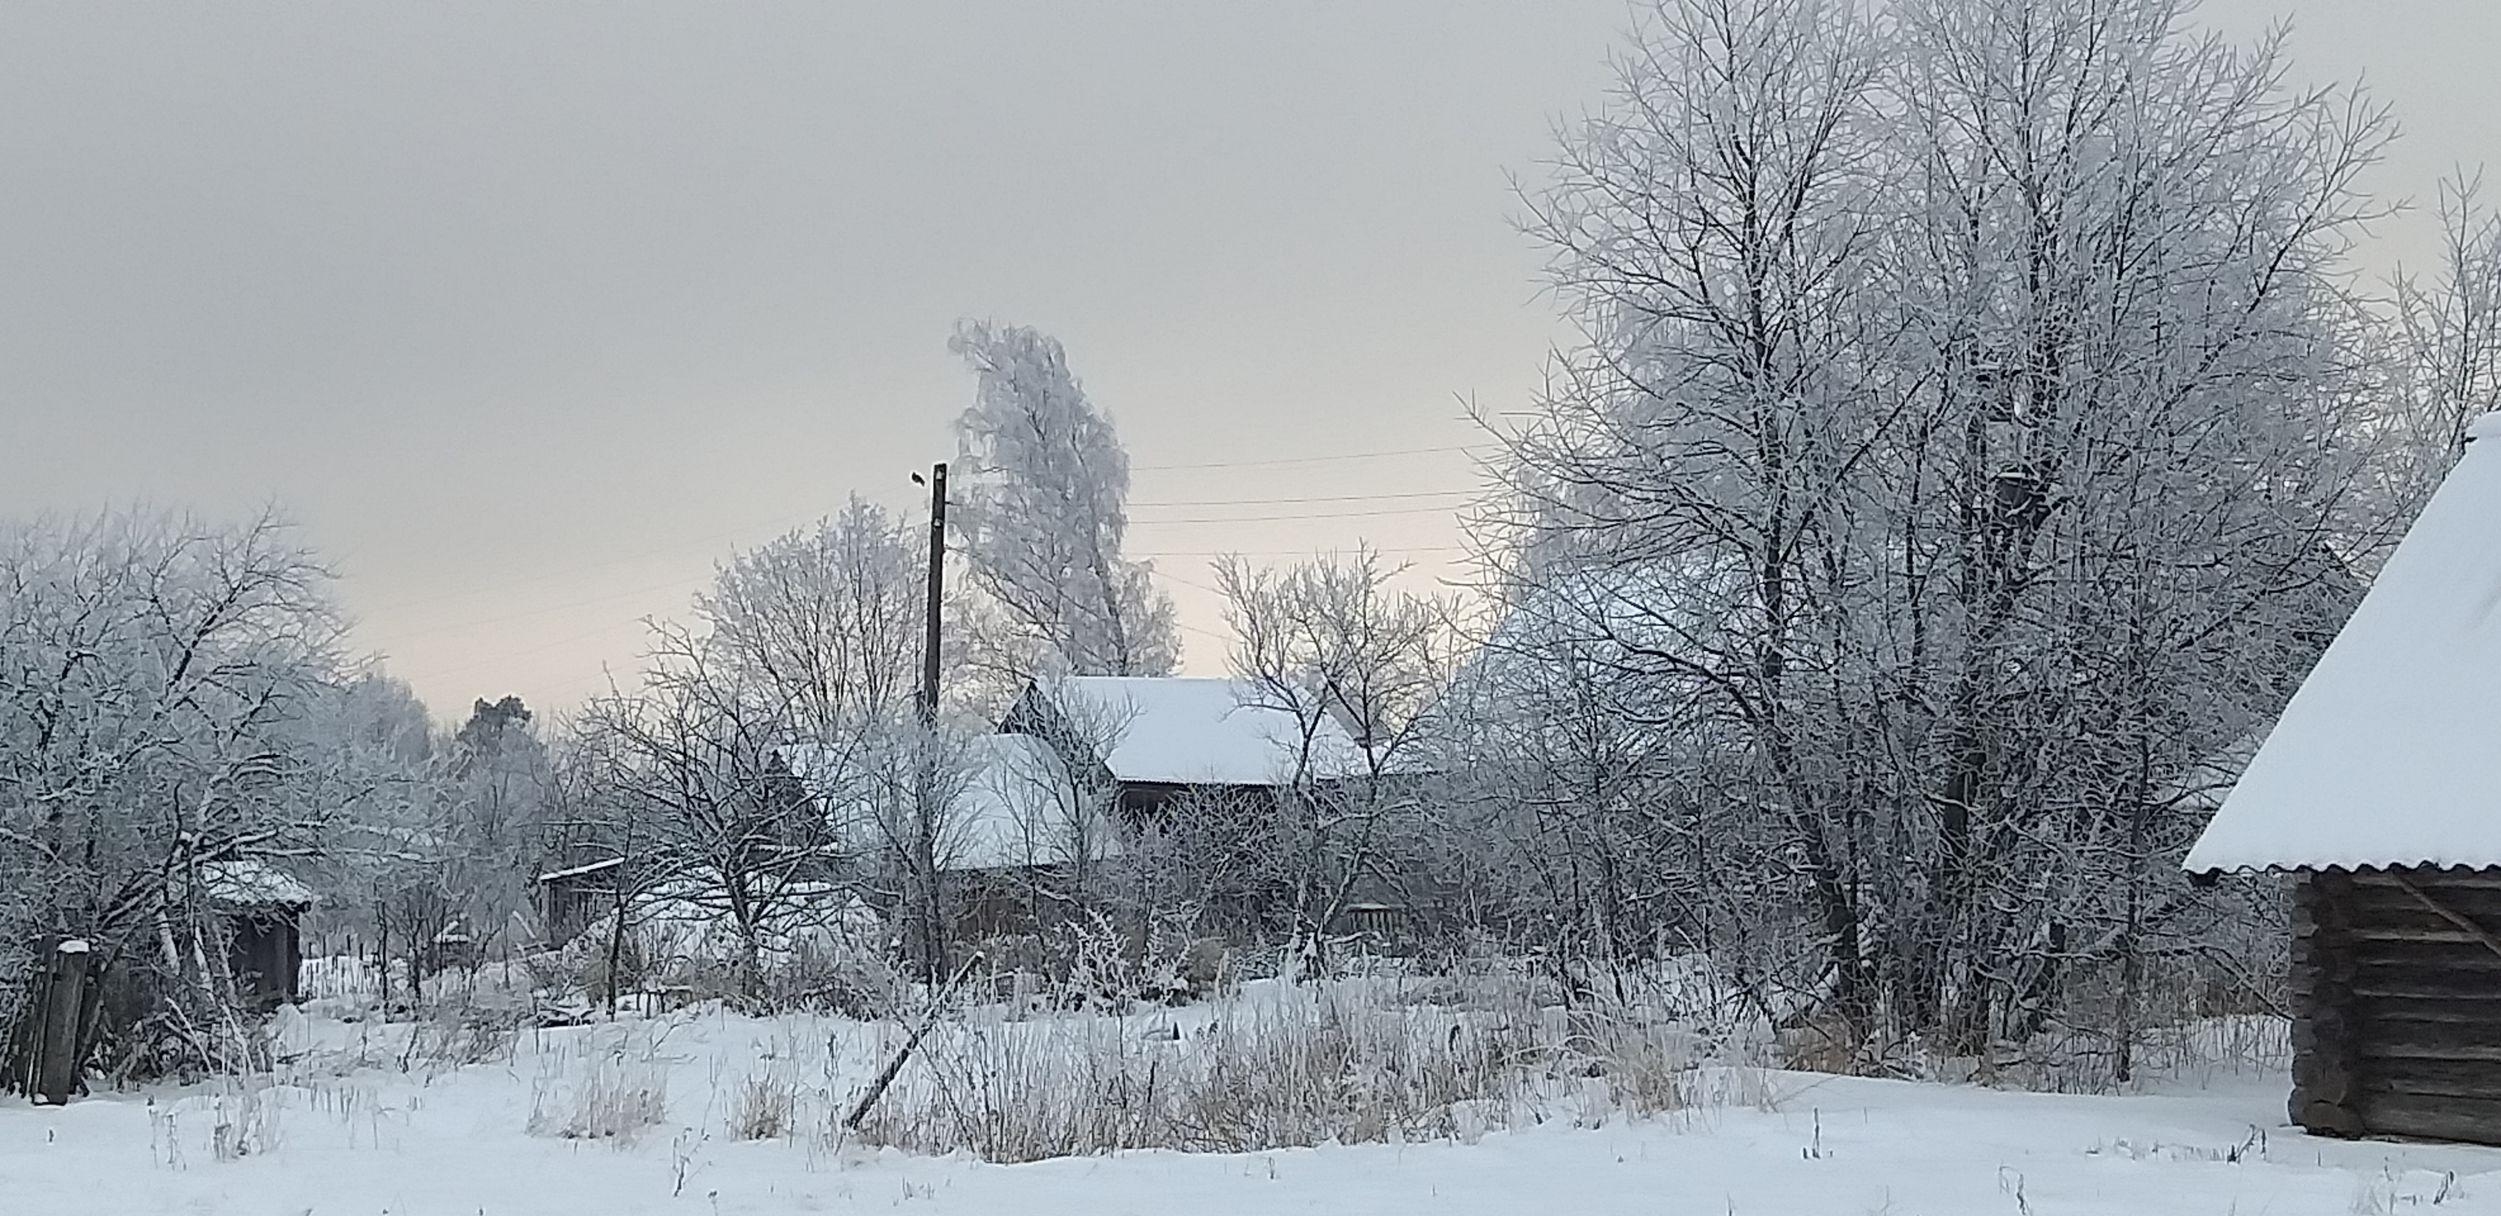 В Ярославле ожидается резкое похолодание: температура упадет до минус 16 градусов